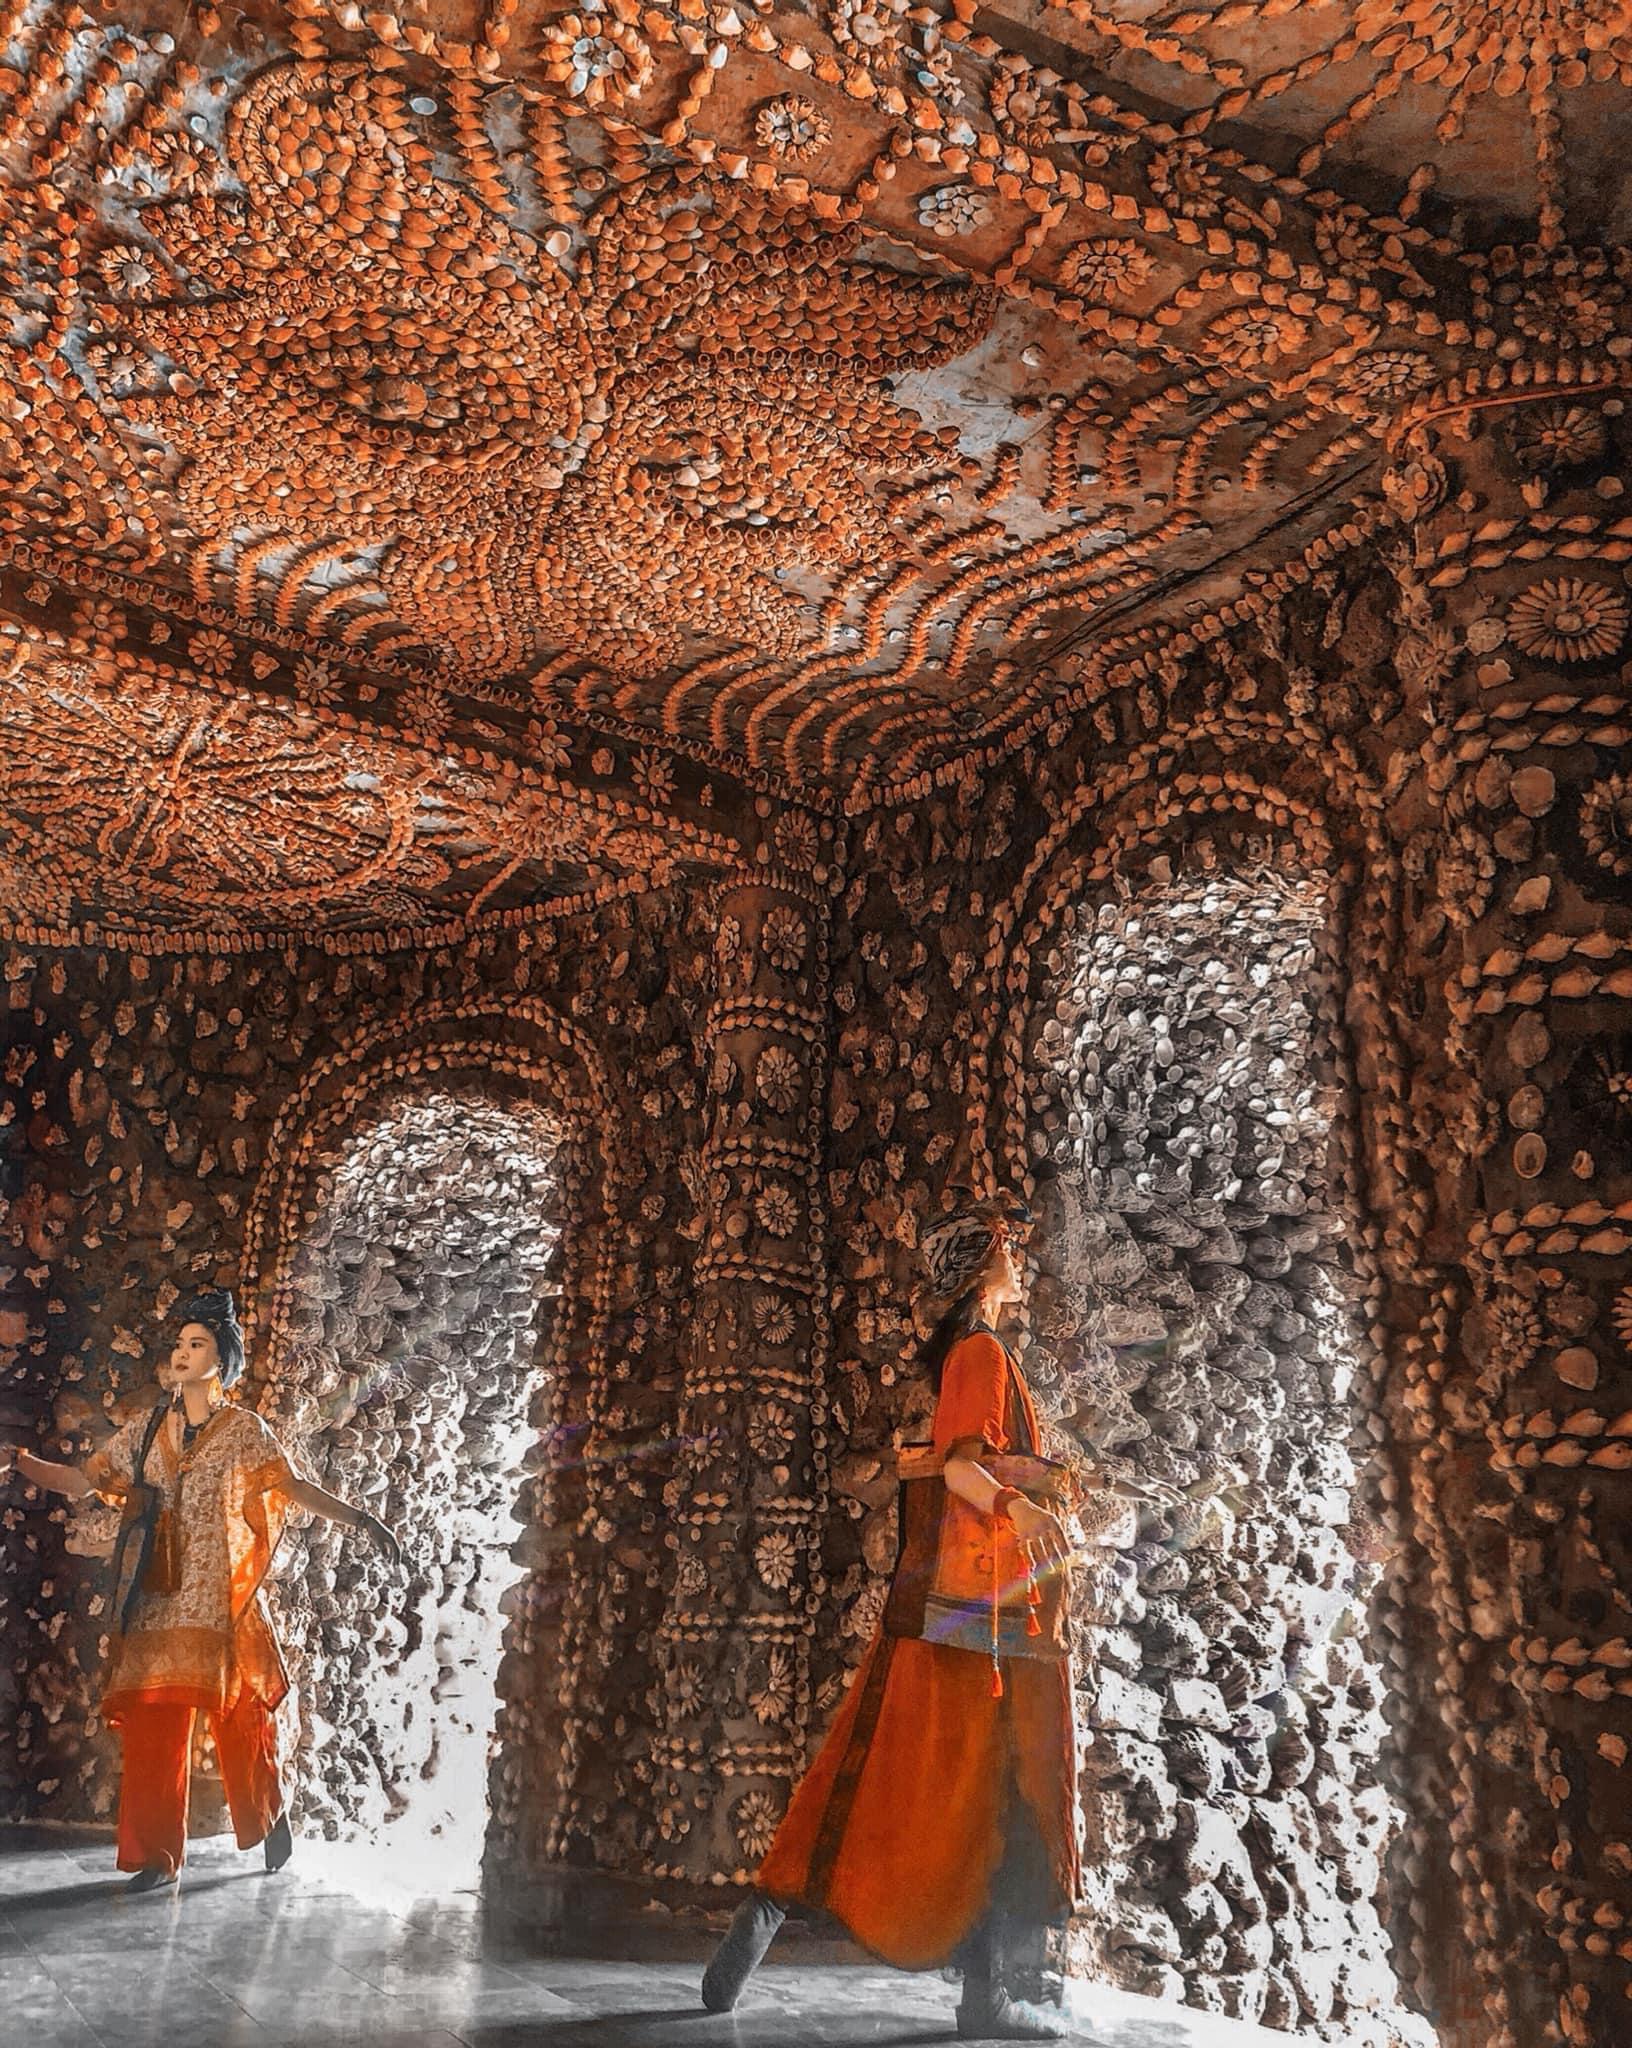 Tour du lịch Nha Trang khởi hành từ Hà Nội: Giảm giá sốc nhiều gói tour trong dịp hè này  - Ảnh 14.